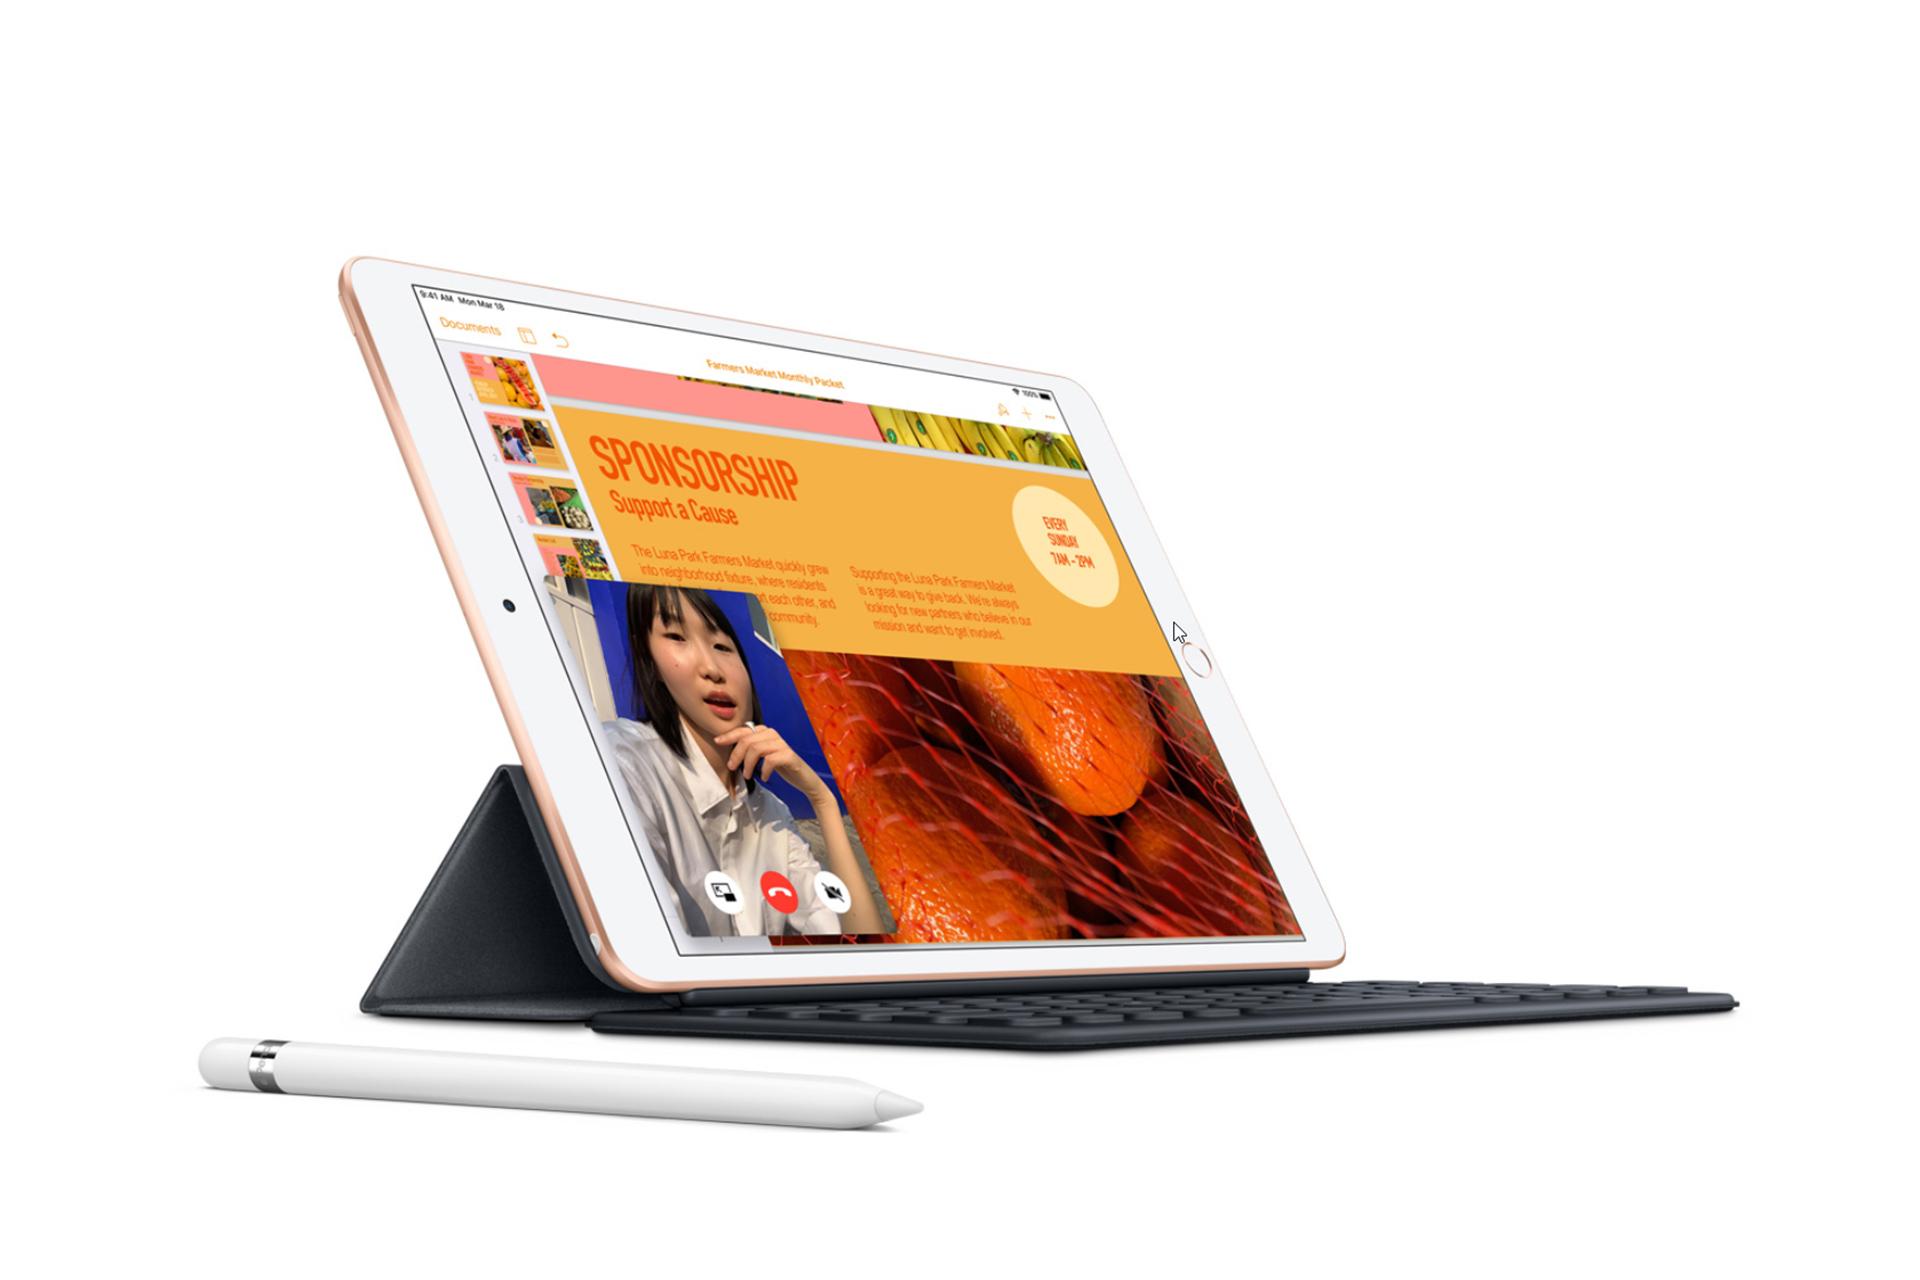 اپل آیپد ایر ۱۰.۵ اینچی / apple ipad air 10.5